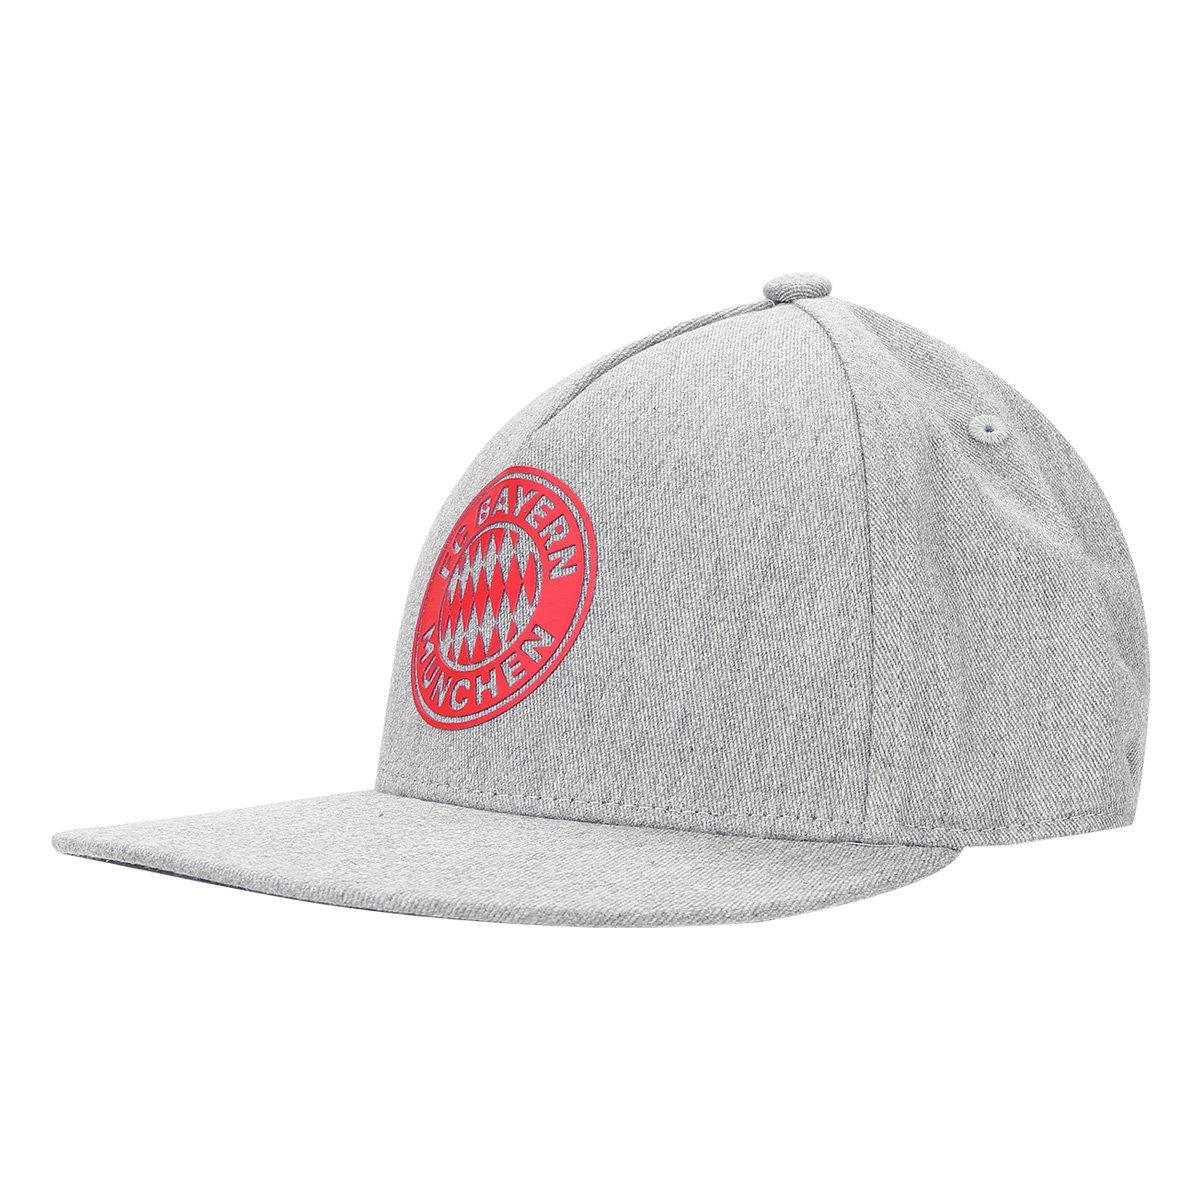 71912135b9cea Boné Adidas Bayern de Munique CW Aba Reta - Cinza e Vermelho - Compre Agora